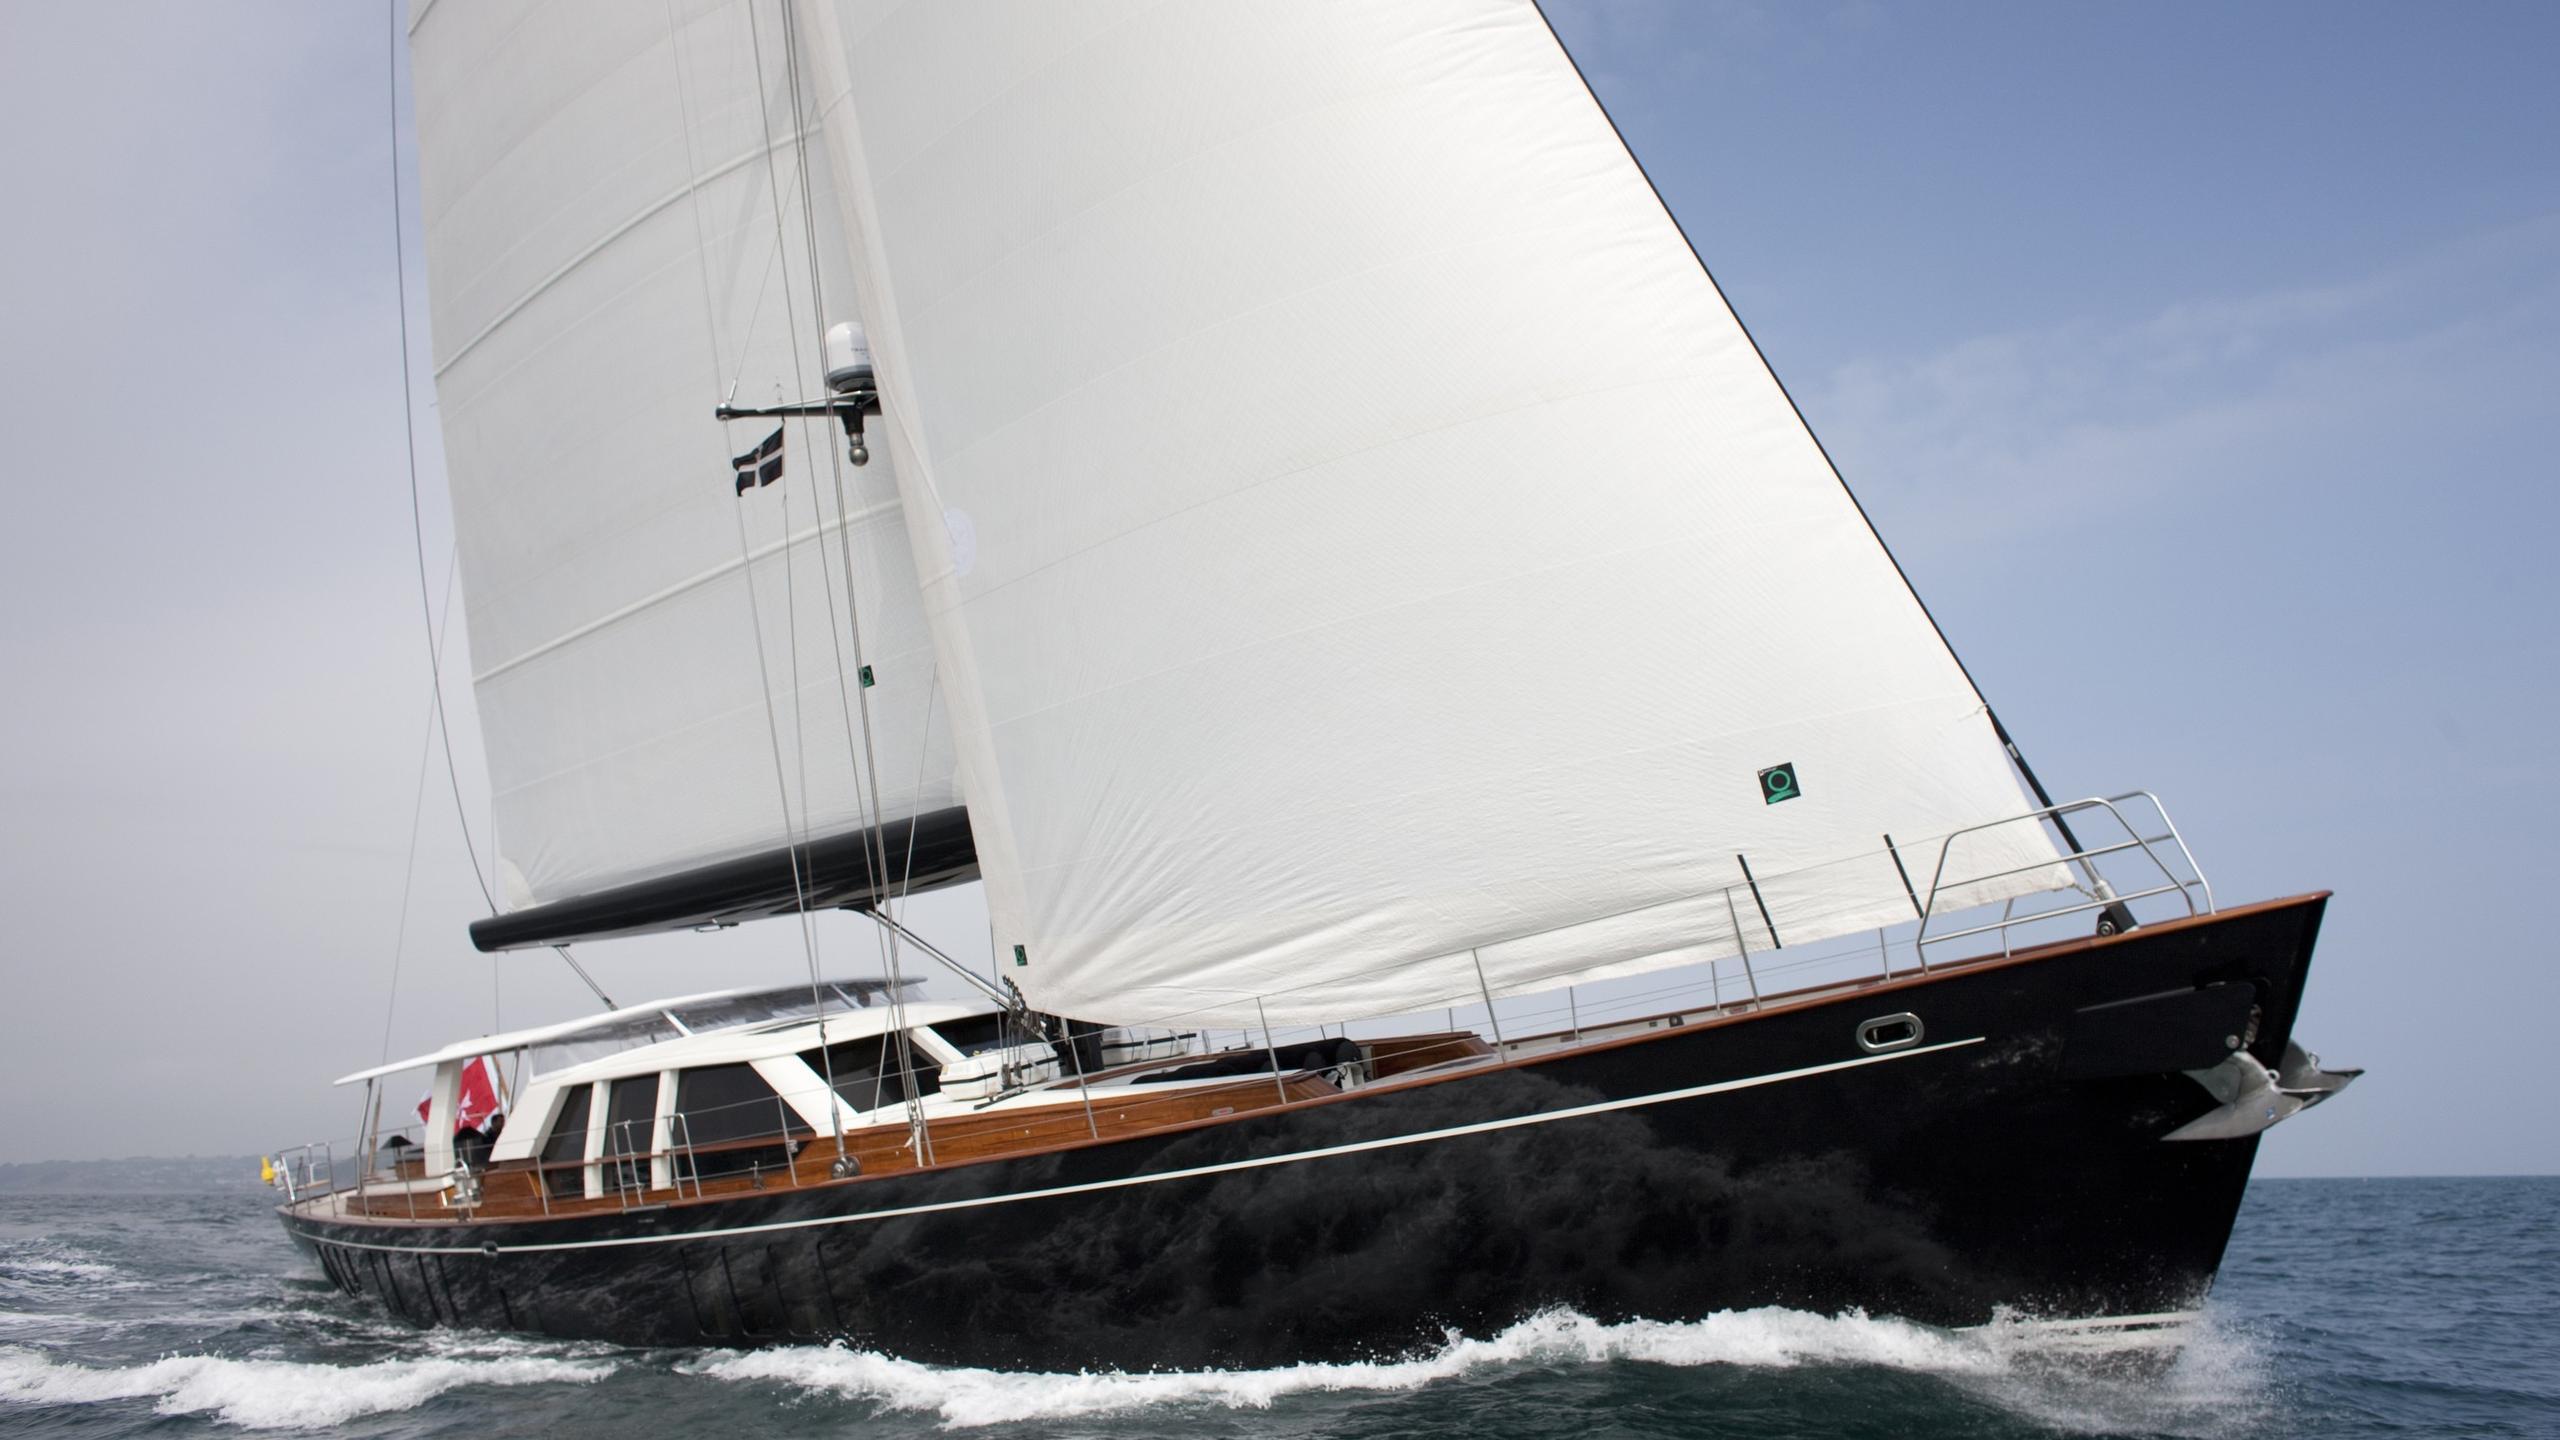 Akalam sailing yacht